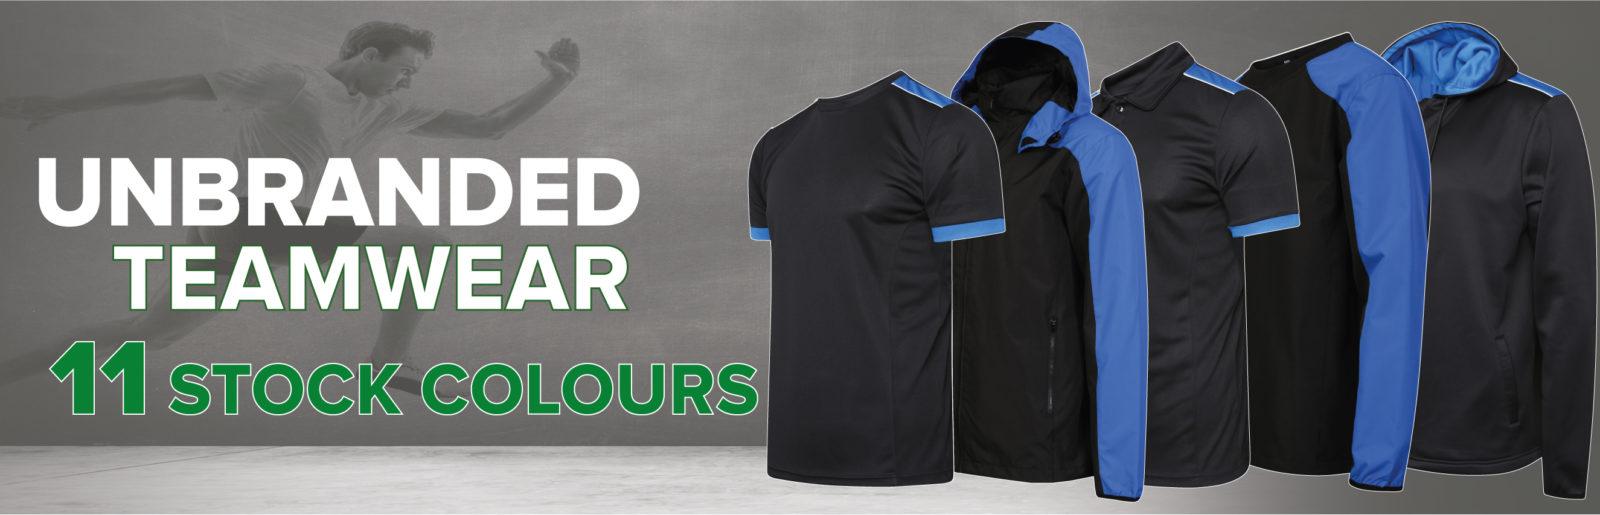 Behrens - Behrens Sports & Casualwear